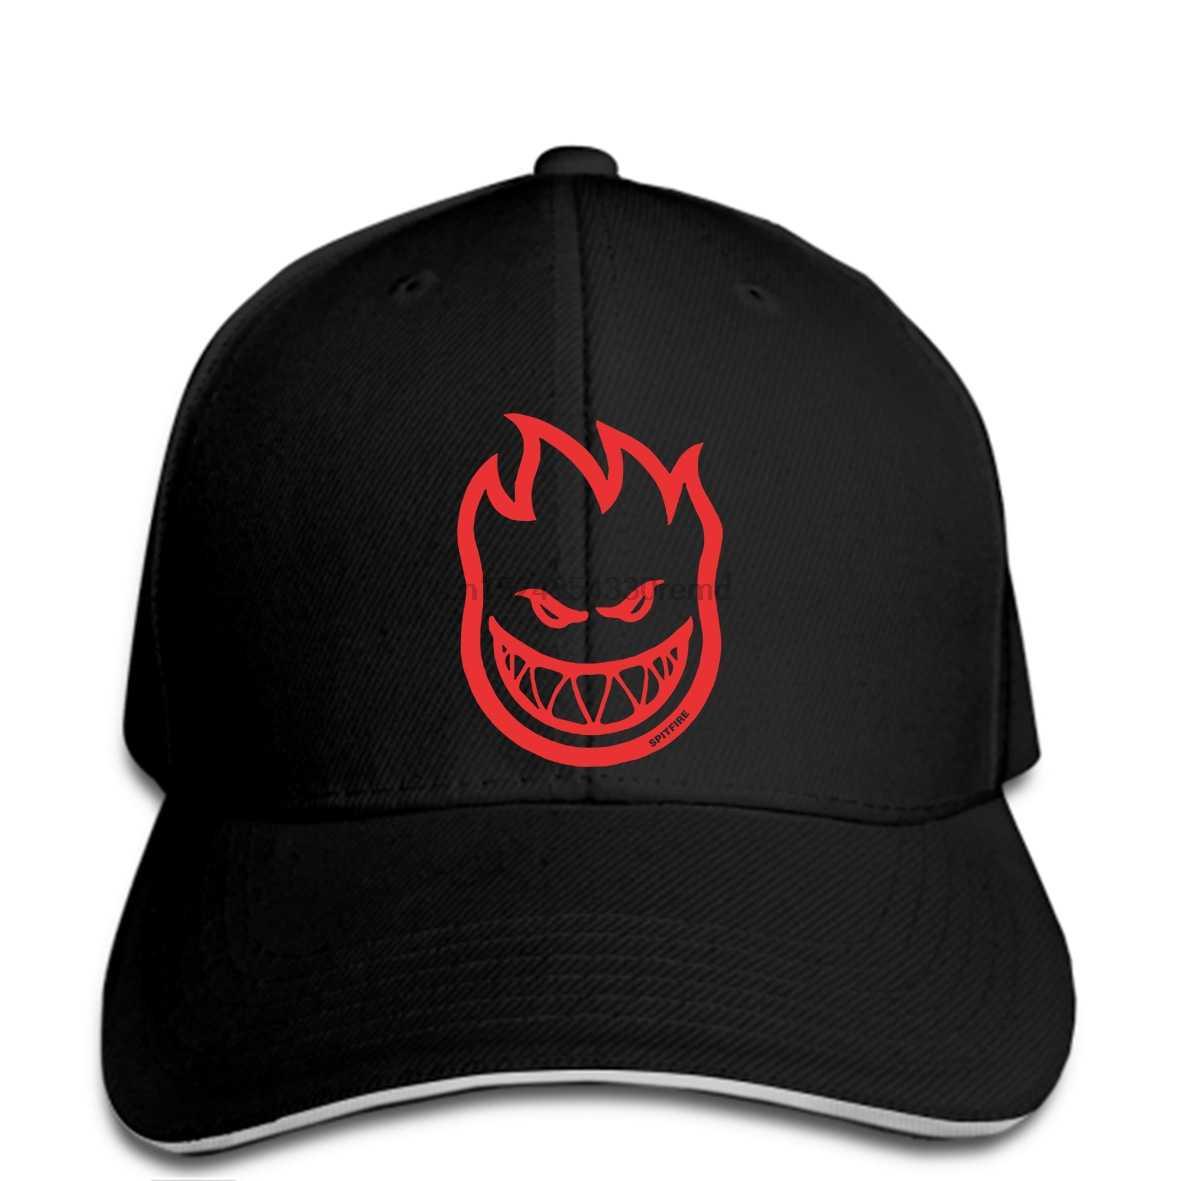 hip hop Baseball caps Funny Men hat cap Black SPITFIRE Maglietta Bighead S  Grigia Silver Mens 09860923830